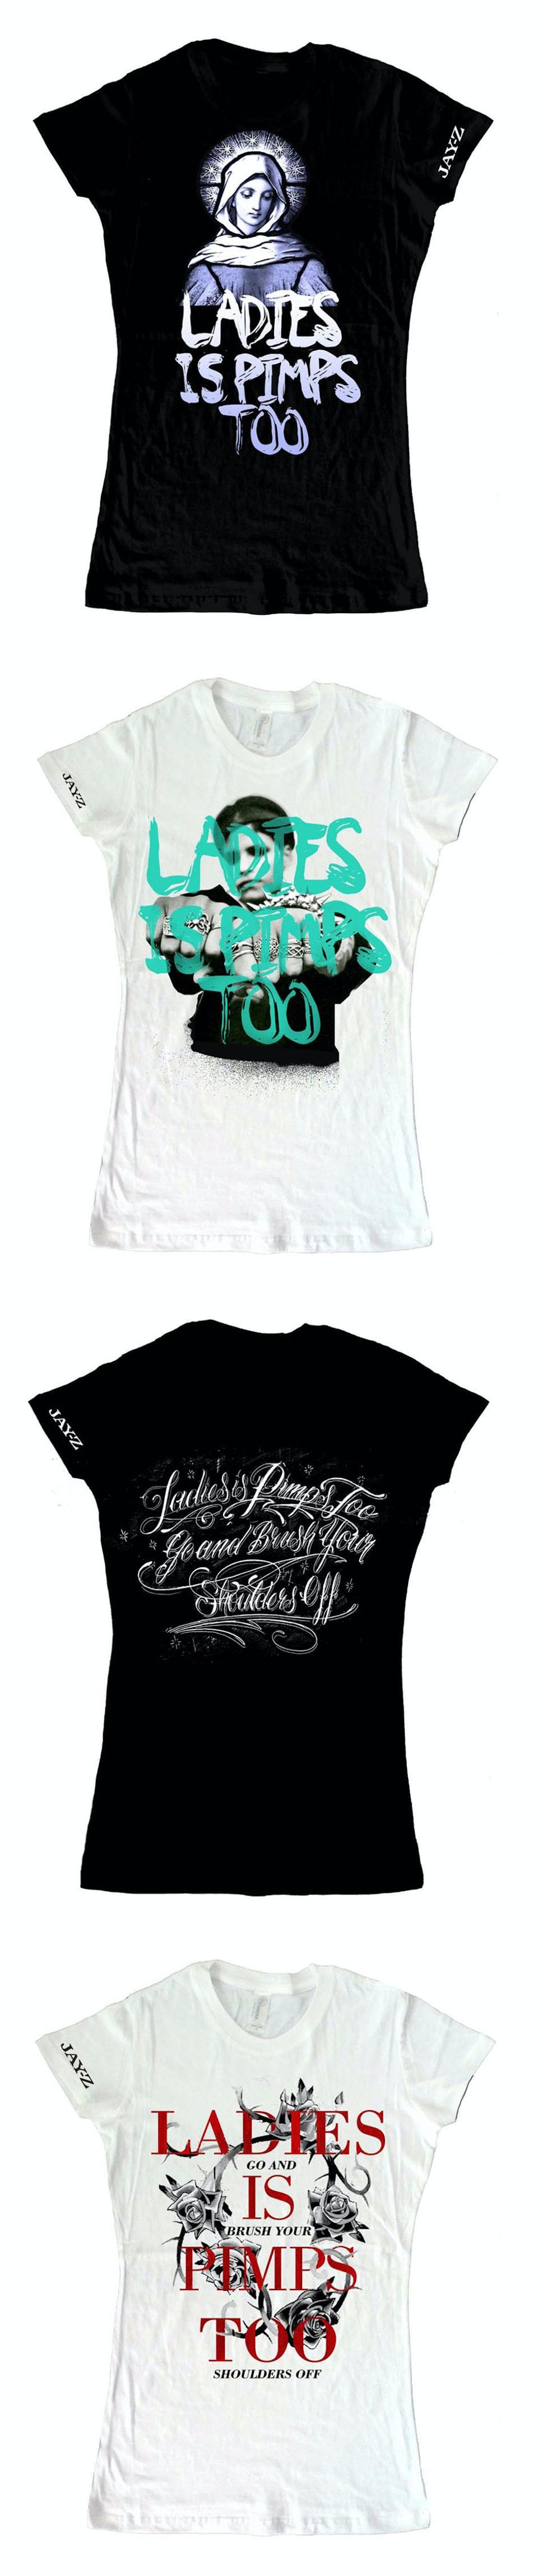 Lyric Tees - Womens tshirt comps